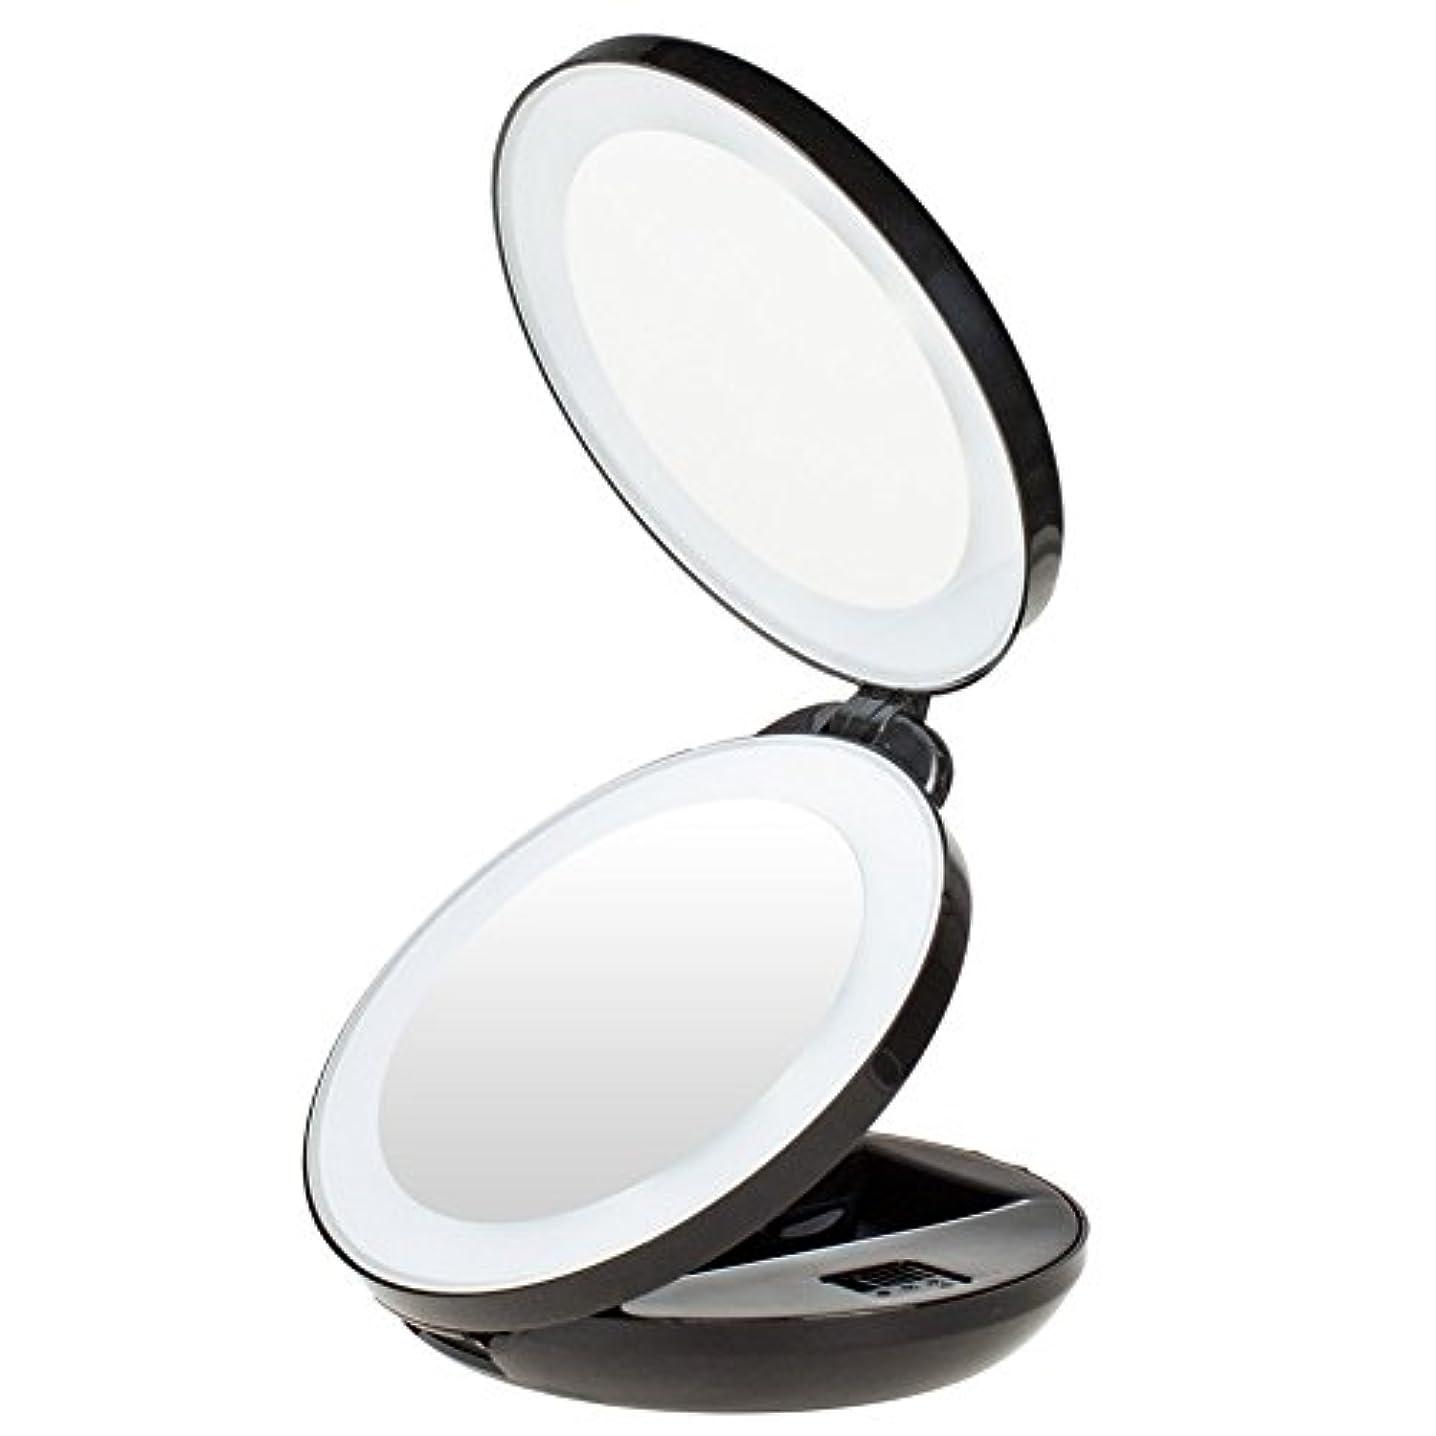 シャックルシンポジウム歯痛KEDSUM 手鏡 両面化粧鏡 コンパクトミラー LED化粧鏡 等倍鏡+10倍拡大鏡 LEDミラー 角度調整 折り畳み 丸型 おしゃれ ハンド 携帯ミラー 旅行ミラー 女優ミラー